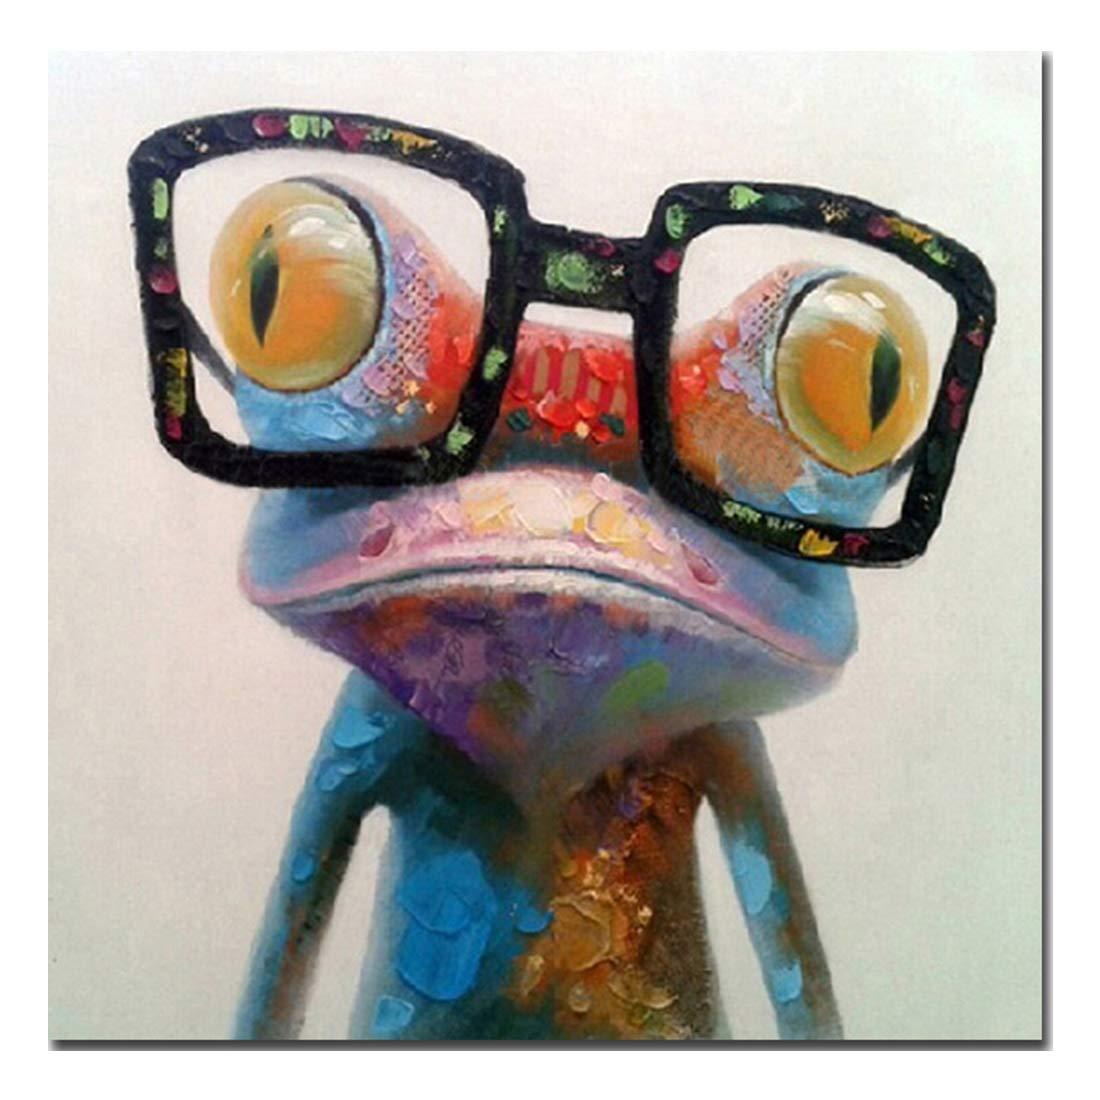 Fokenzary, pittura ad olio dipinta a mano, rana con occhiali su tela, stesa e incorniciata, pronta da appendere, Tela, 16x16in